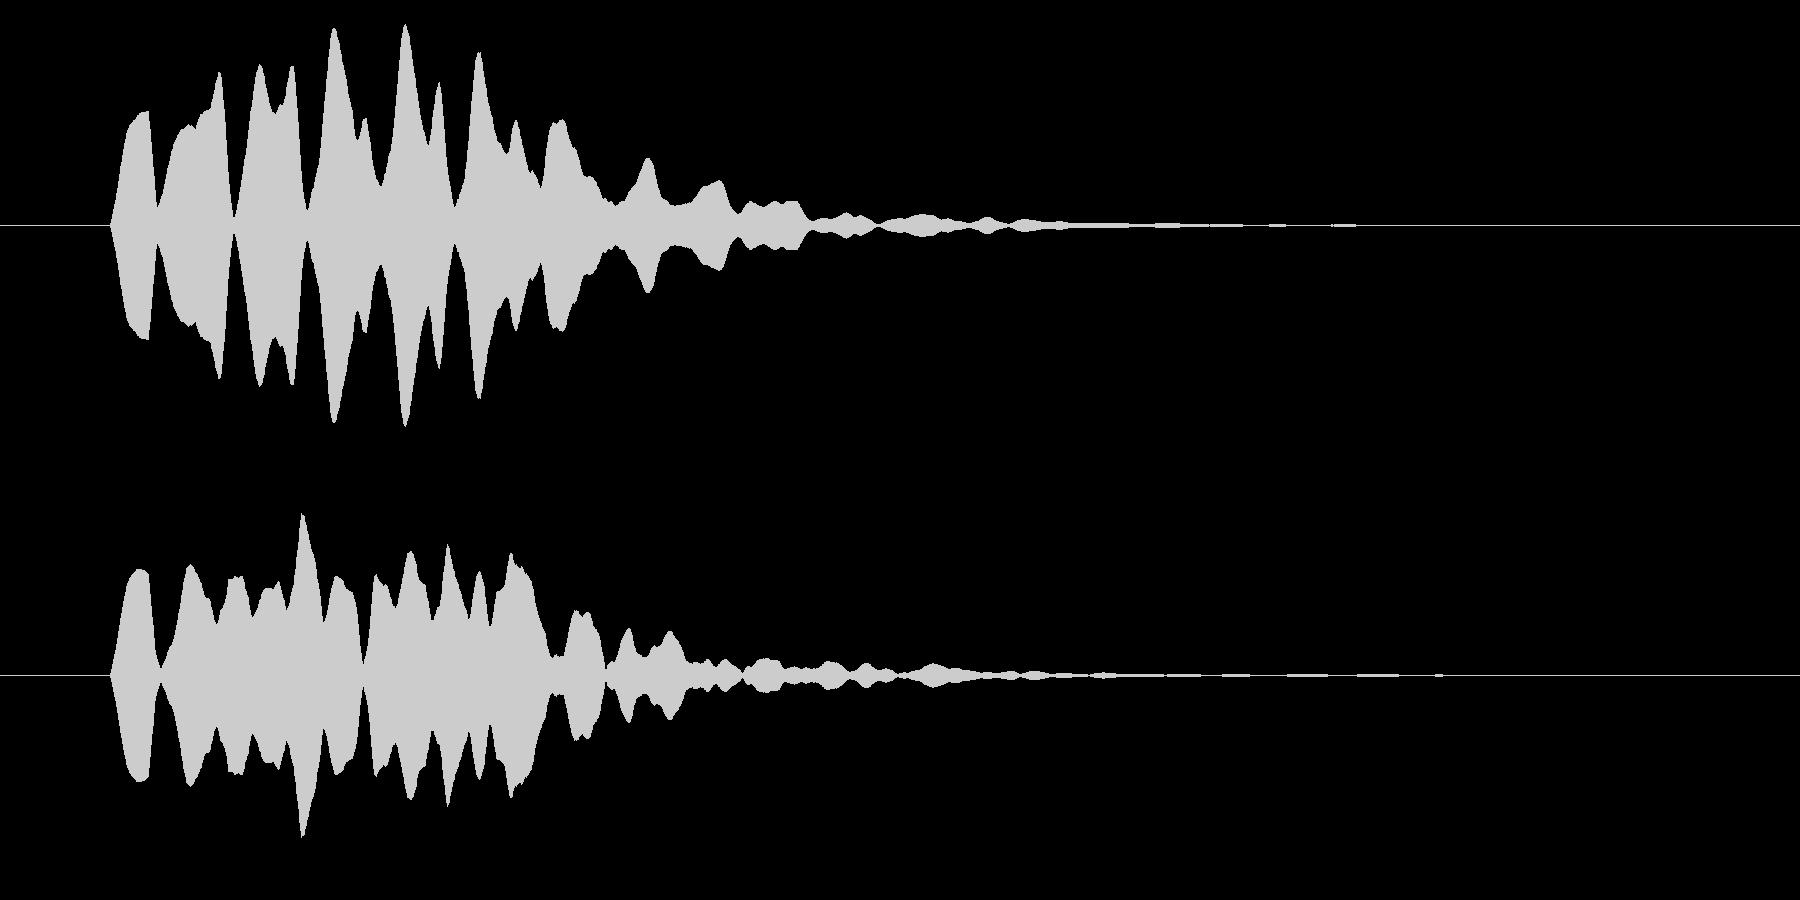 改札 ビープ音01-16(音色2 遠)の未再生の波形